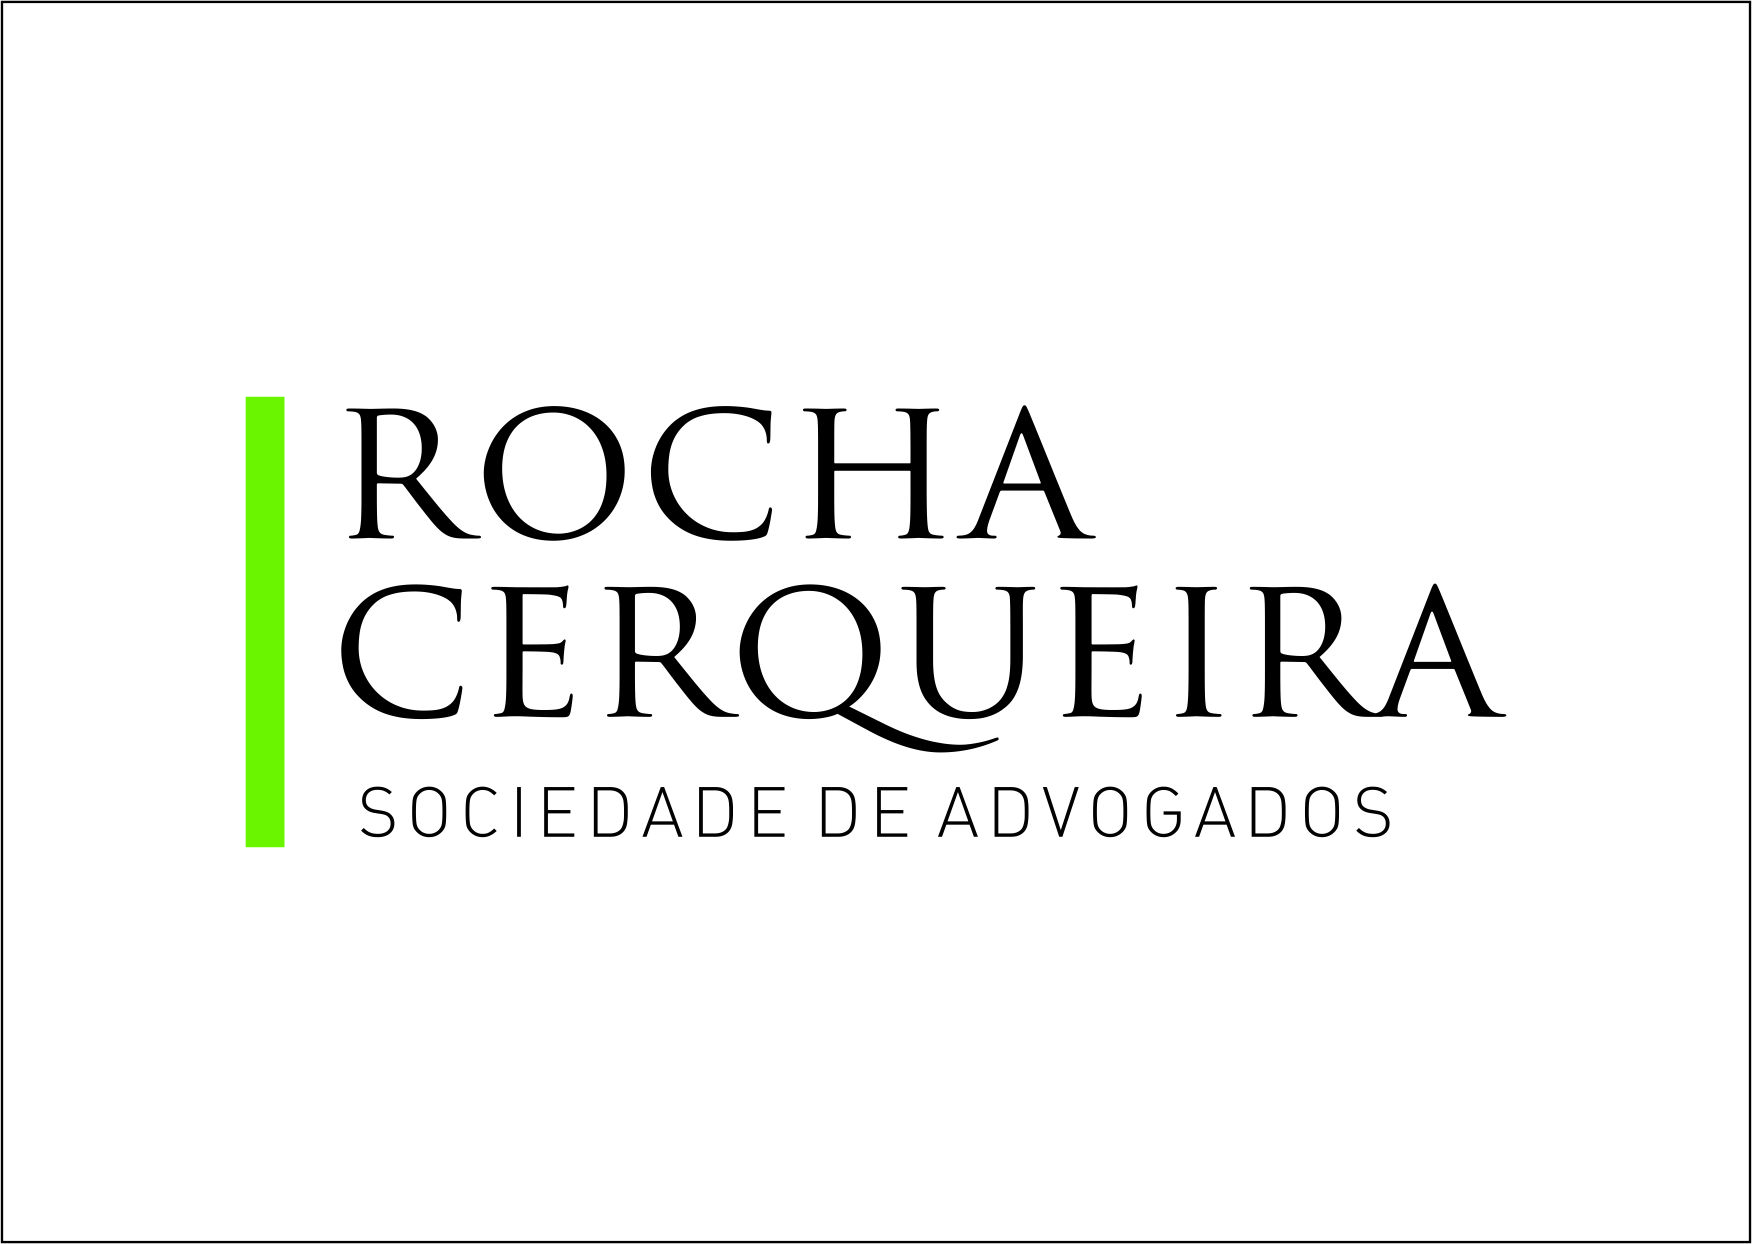 ROCHA CERQUEIRA